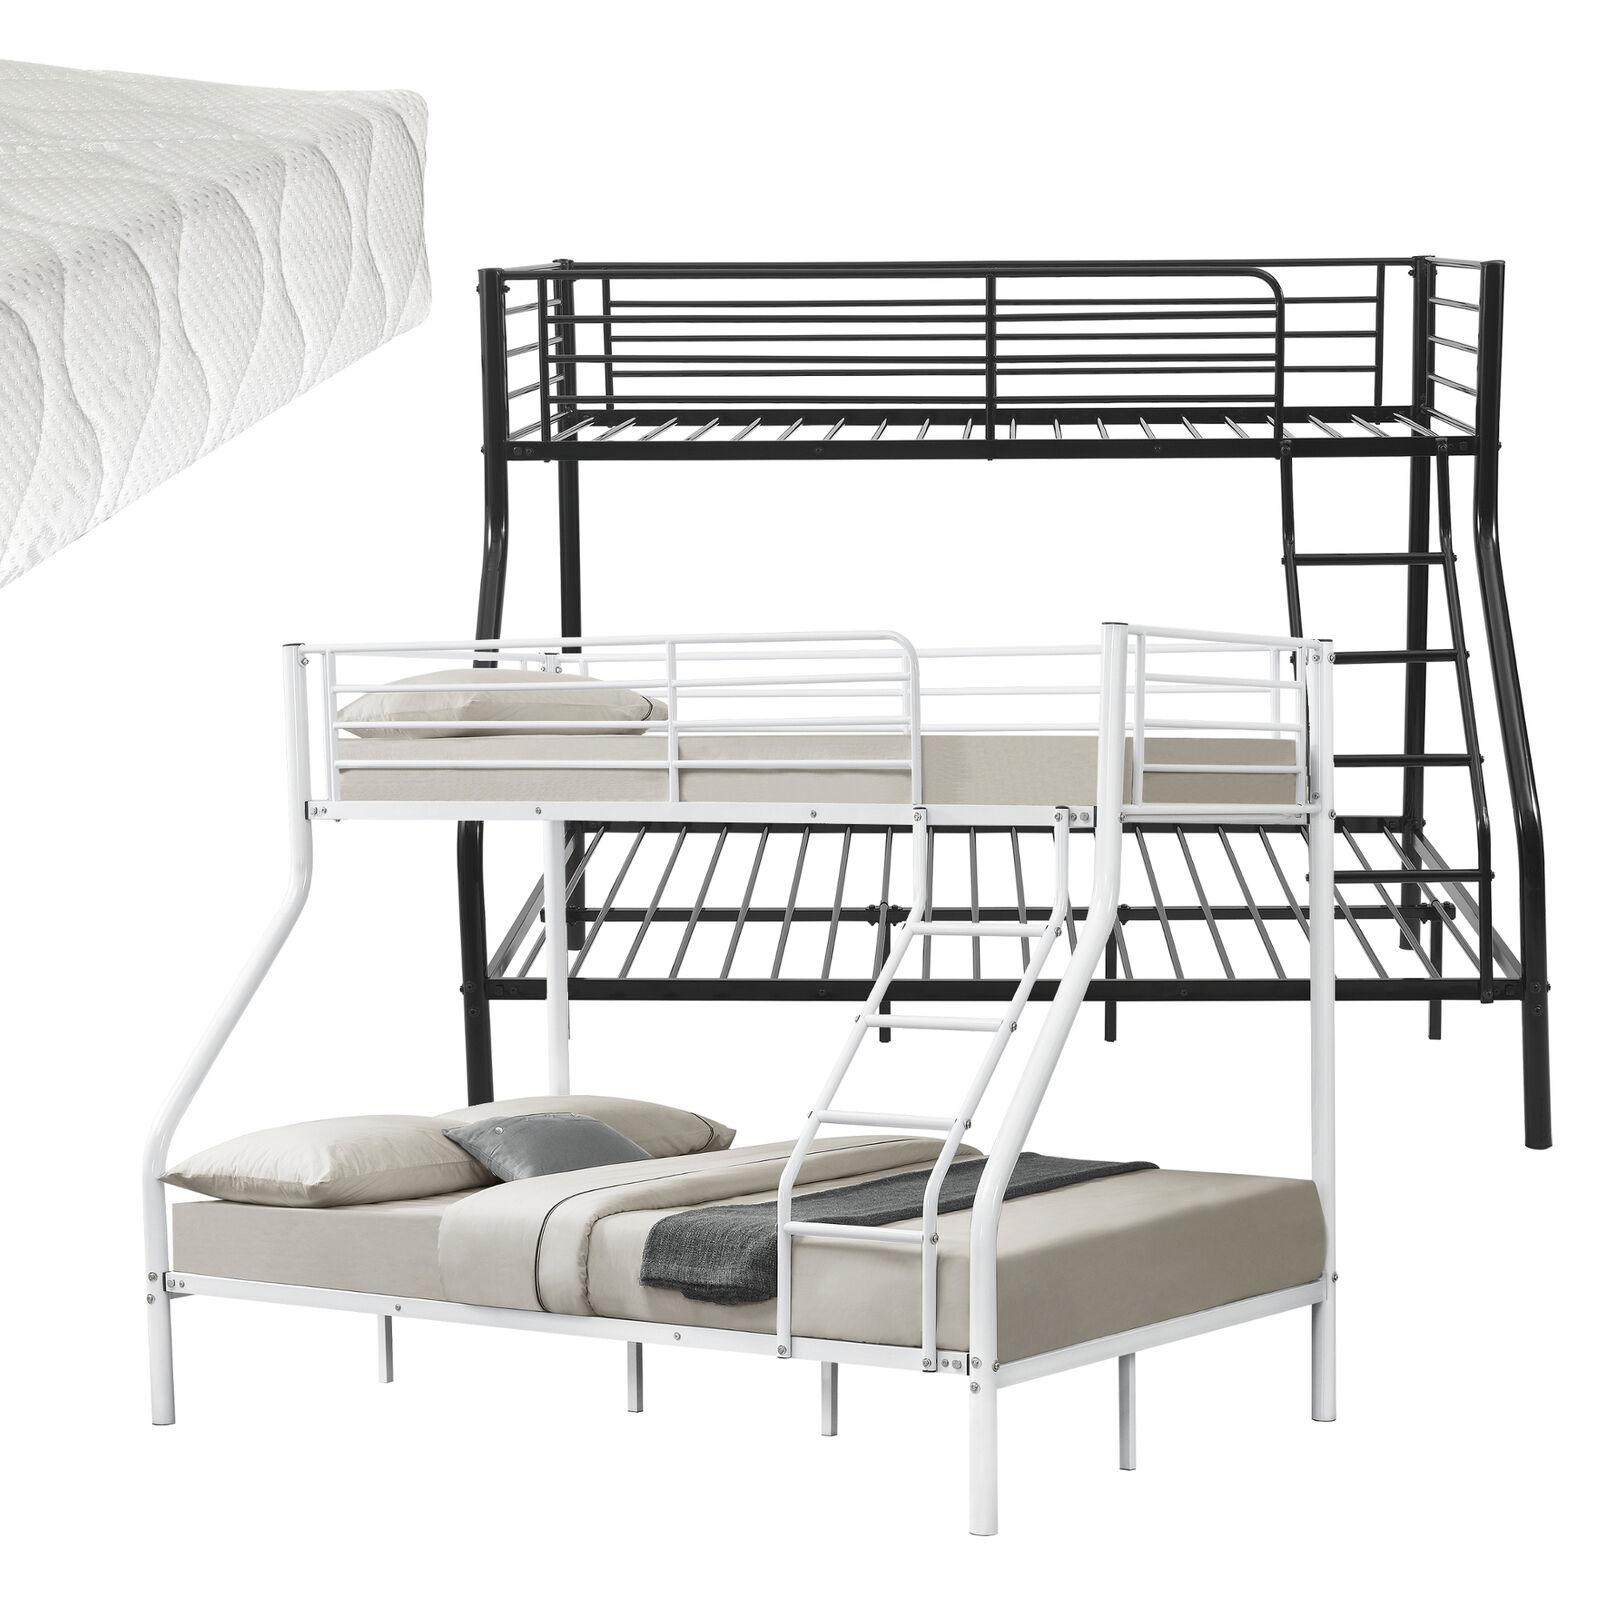 Enfants Superposé Lits superposés Métal Structure de lit existante + matelas 200x140 90cm